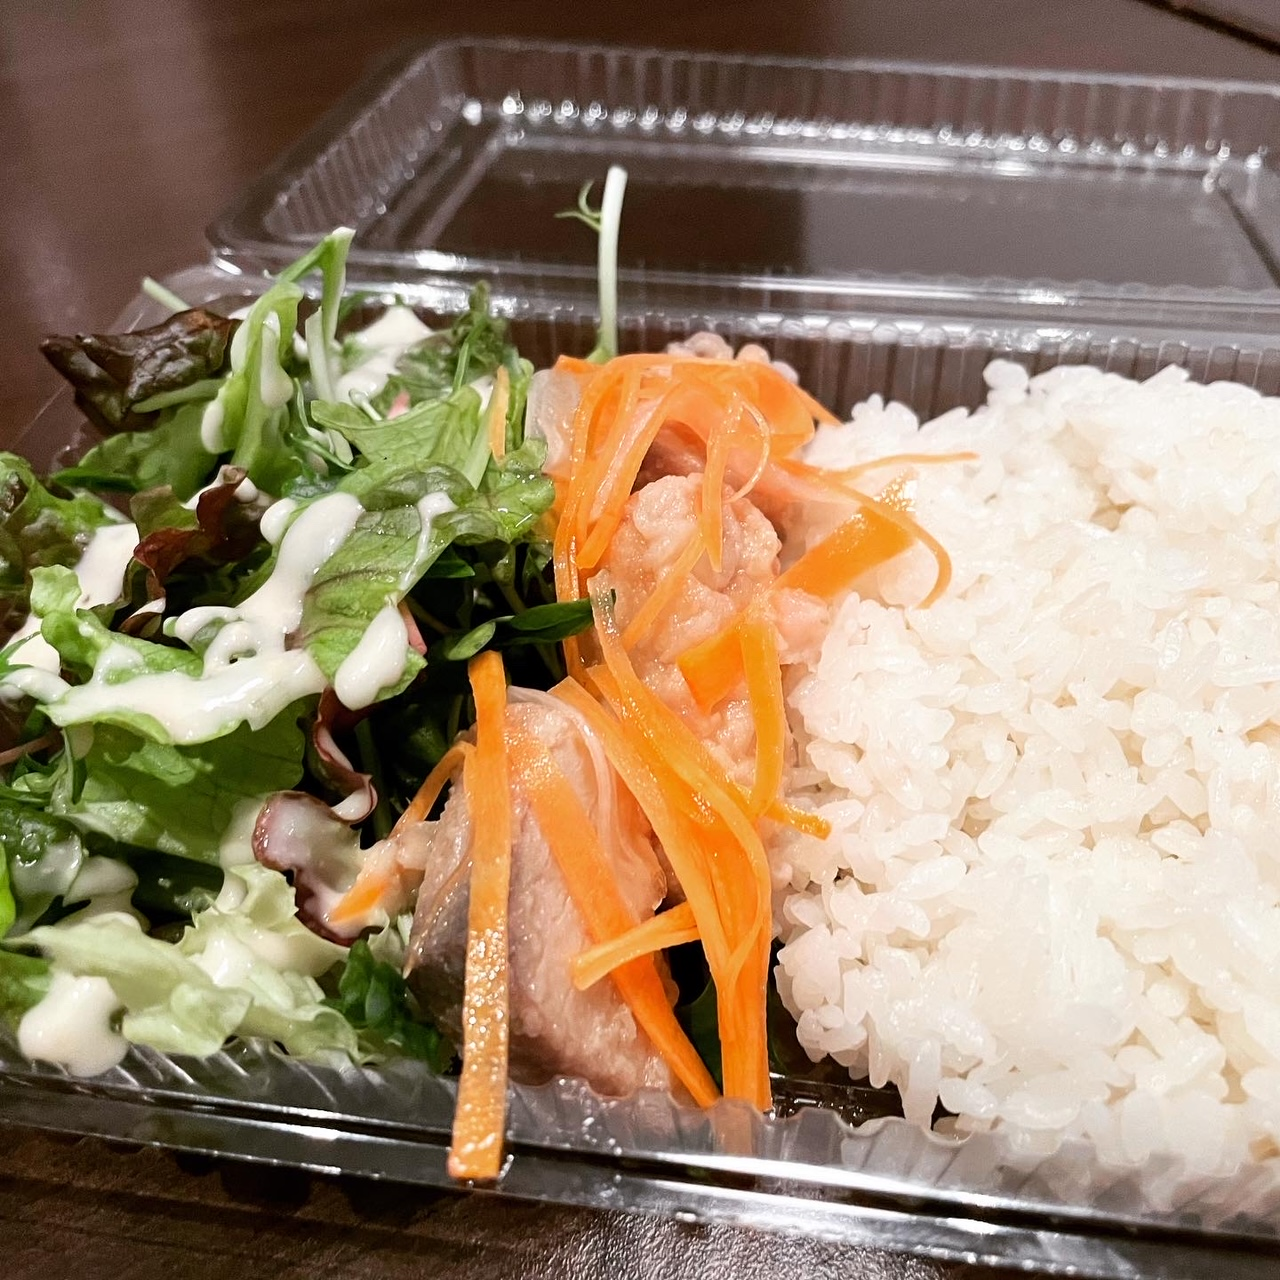 牛ホホ肉の煮込みセット(ライス、野菜、一品付き)